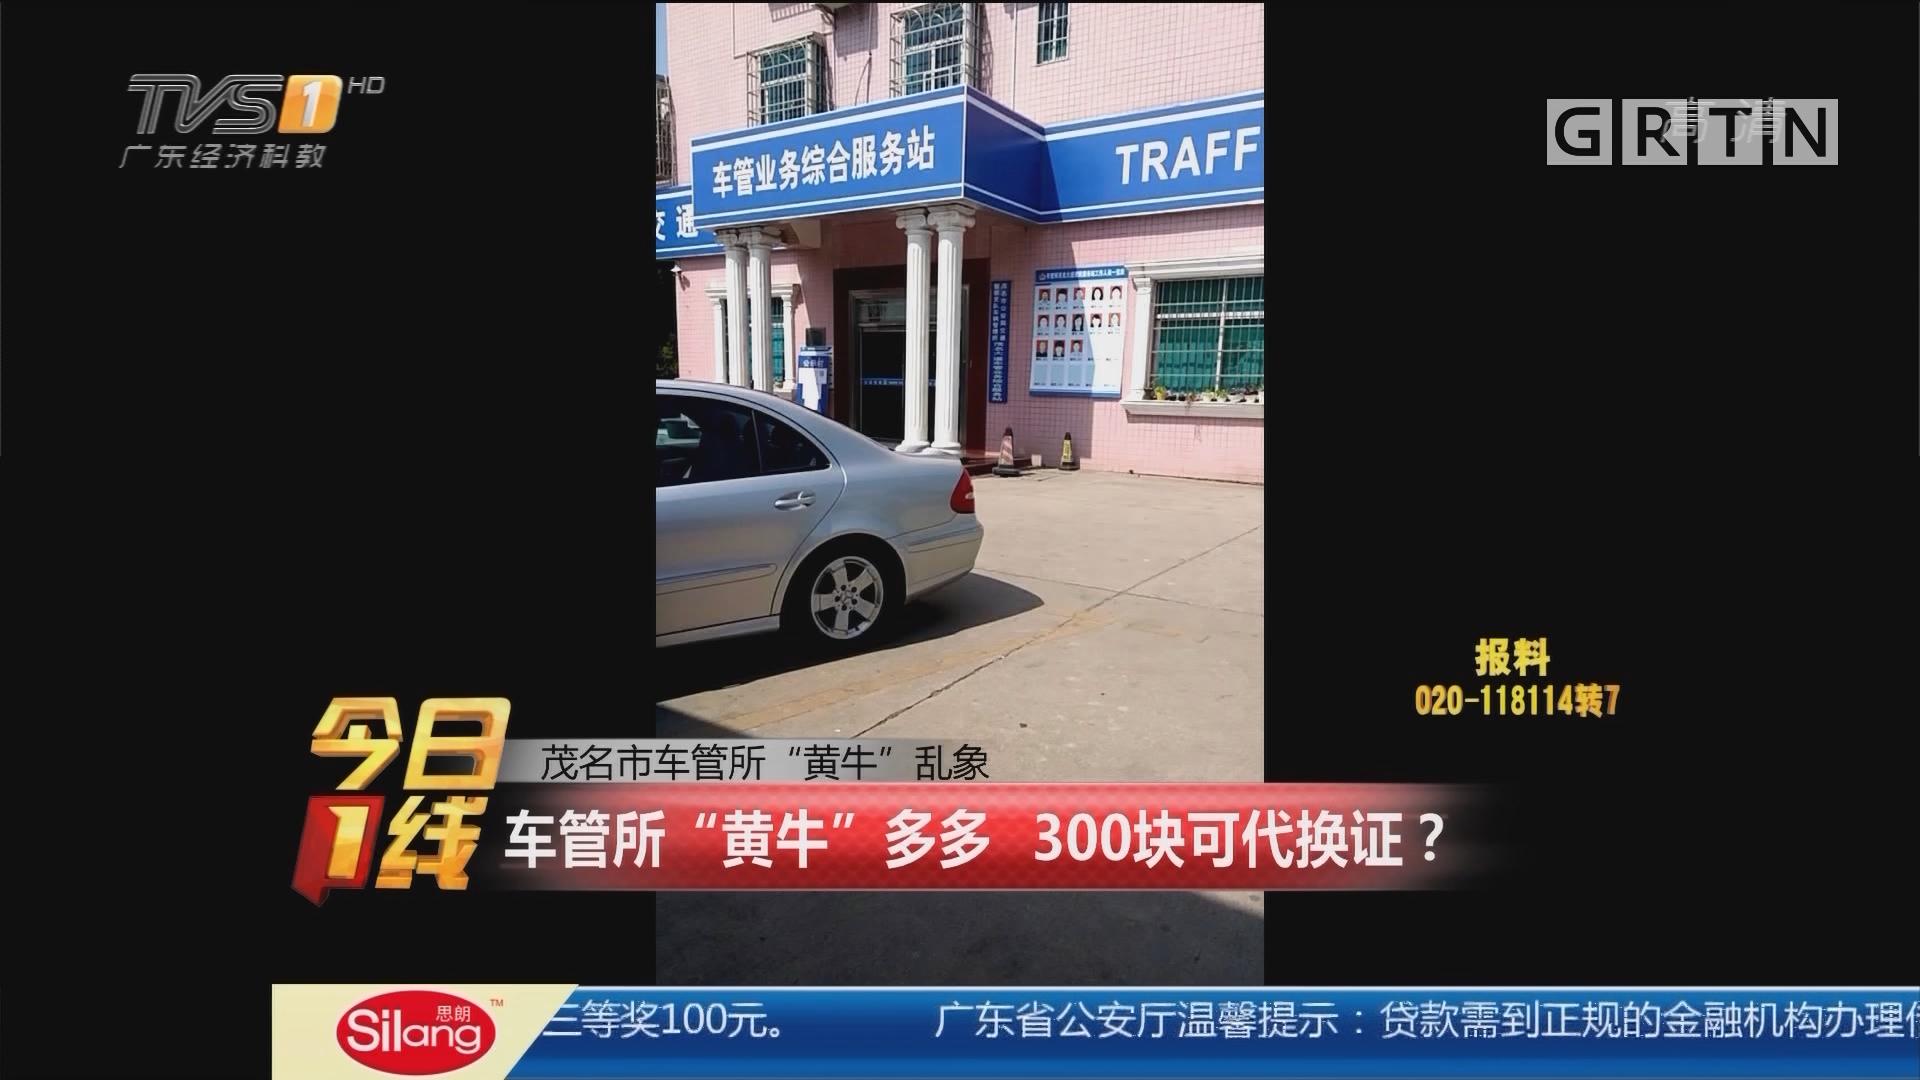 """茂名市车管所""""黄牛""""乱象:车管所""""黄牛""""多多 300块可代换证?"""